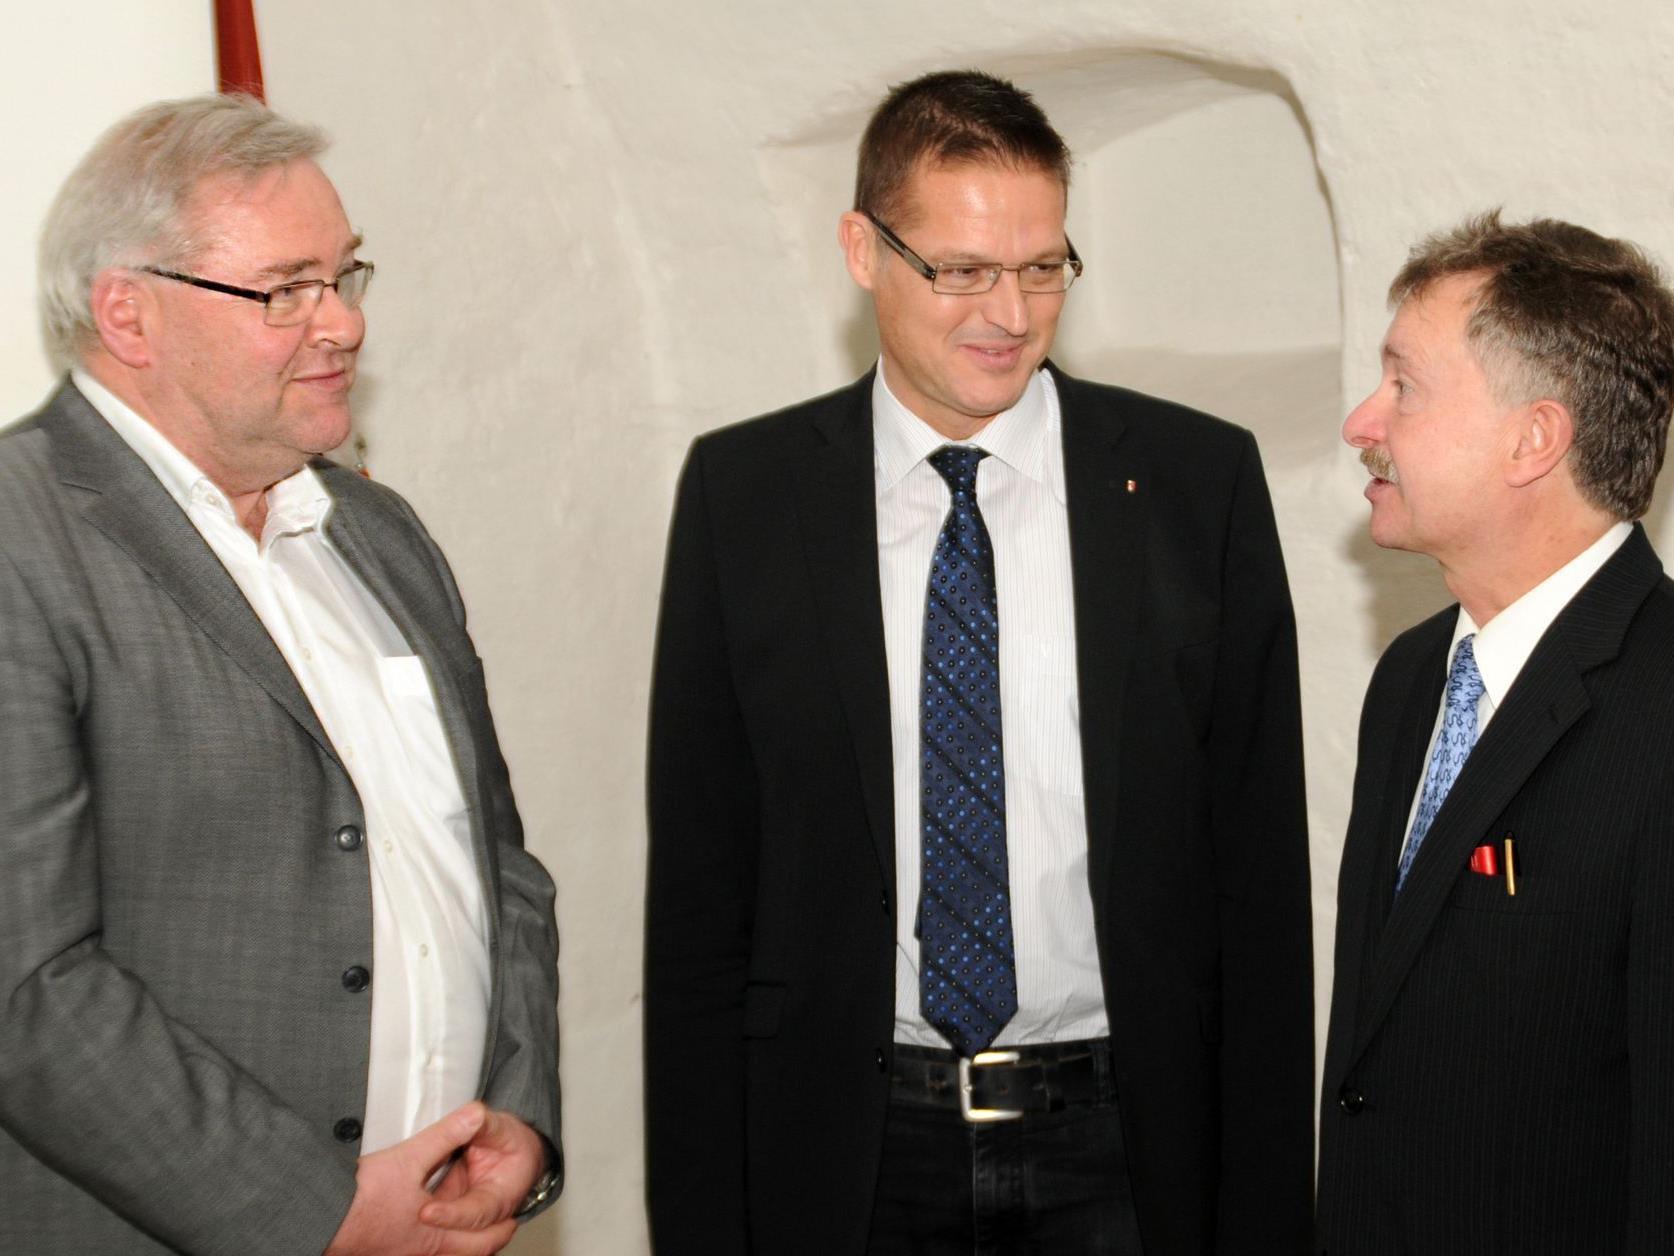 Chefarzt Dr. Thomas Spiegel, LR Dr. Christian Bernhard und Univ.-Prof. Dr. Heinz Drexel